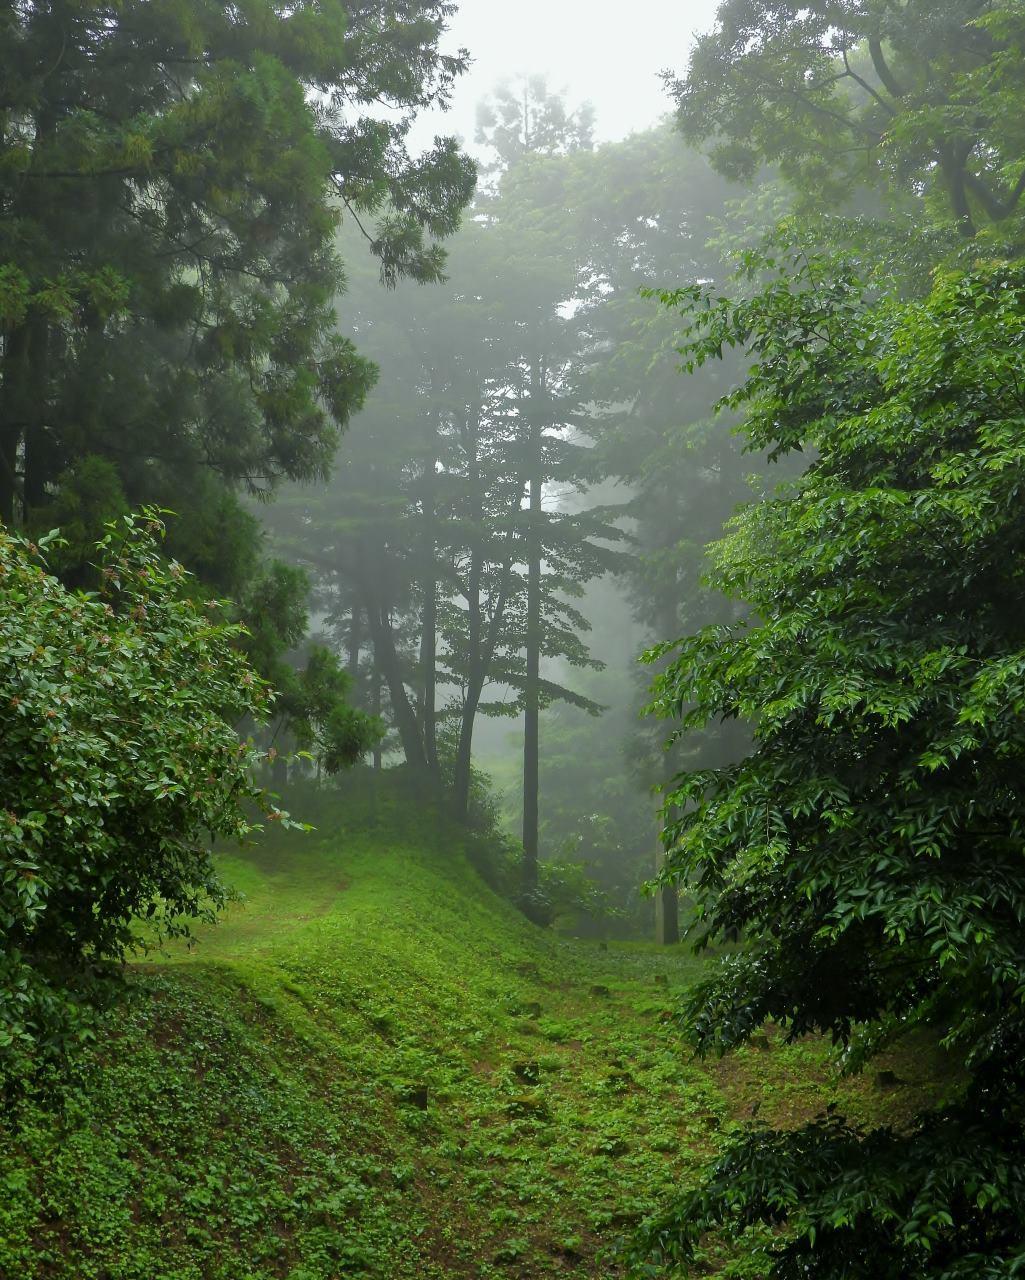 箕輪城跡で 通り雨と雨上がり_c0305565_17284084.jpg